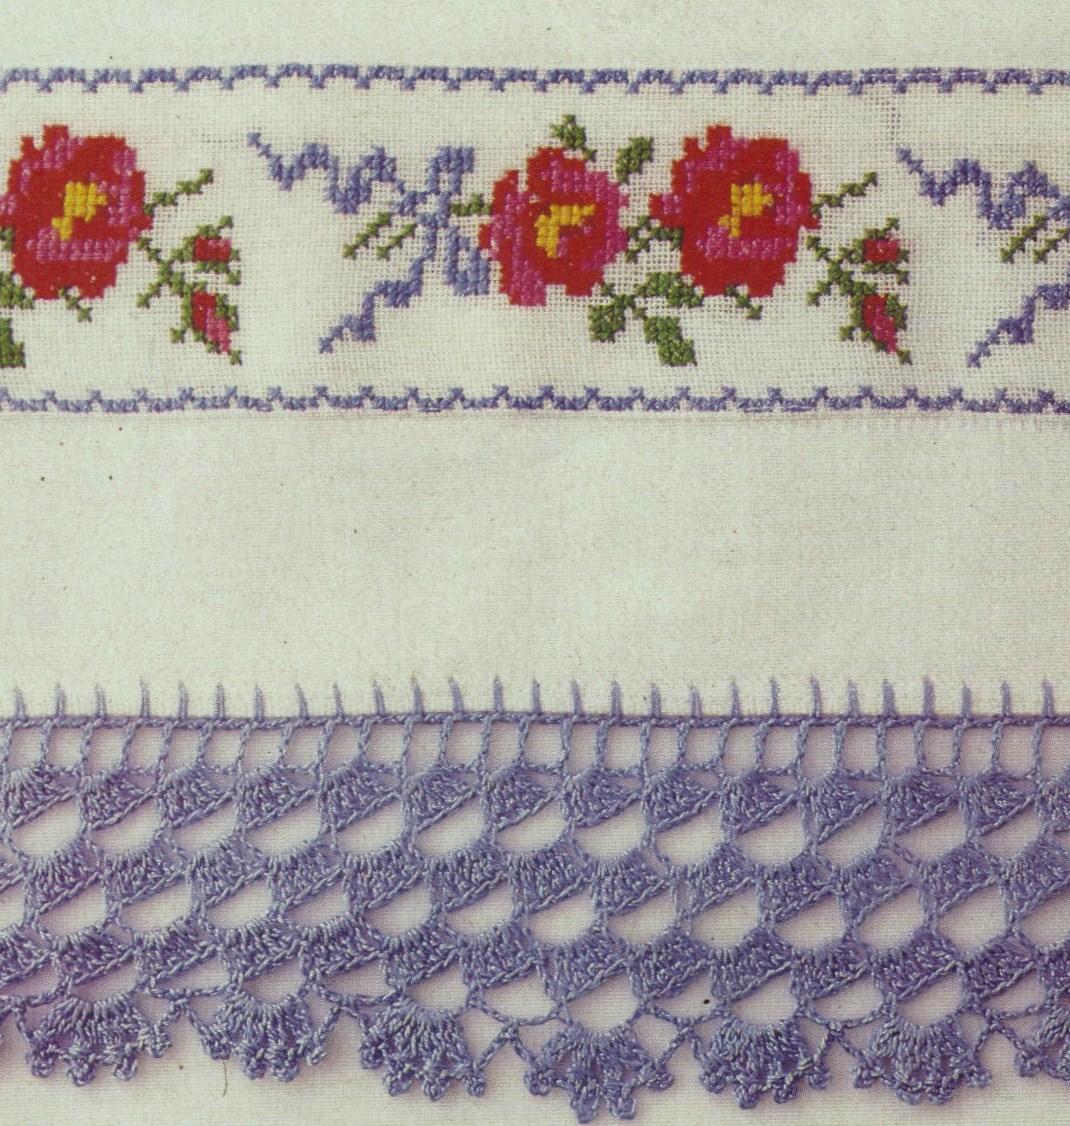 Milena 39 s mis manualidades fundas bordadas a punto de cruz y con una cenefa en crochet - Cenefas de crochet ...